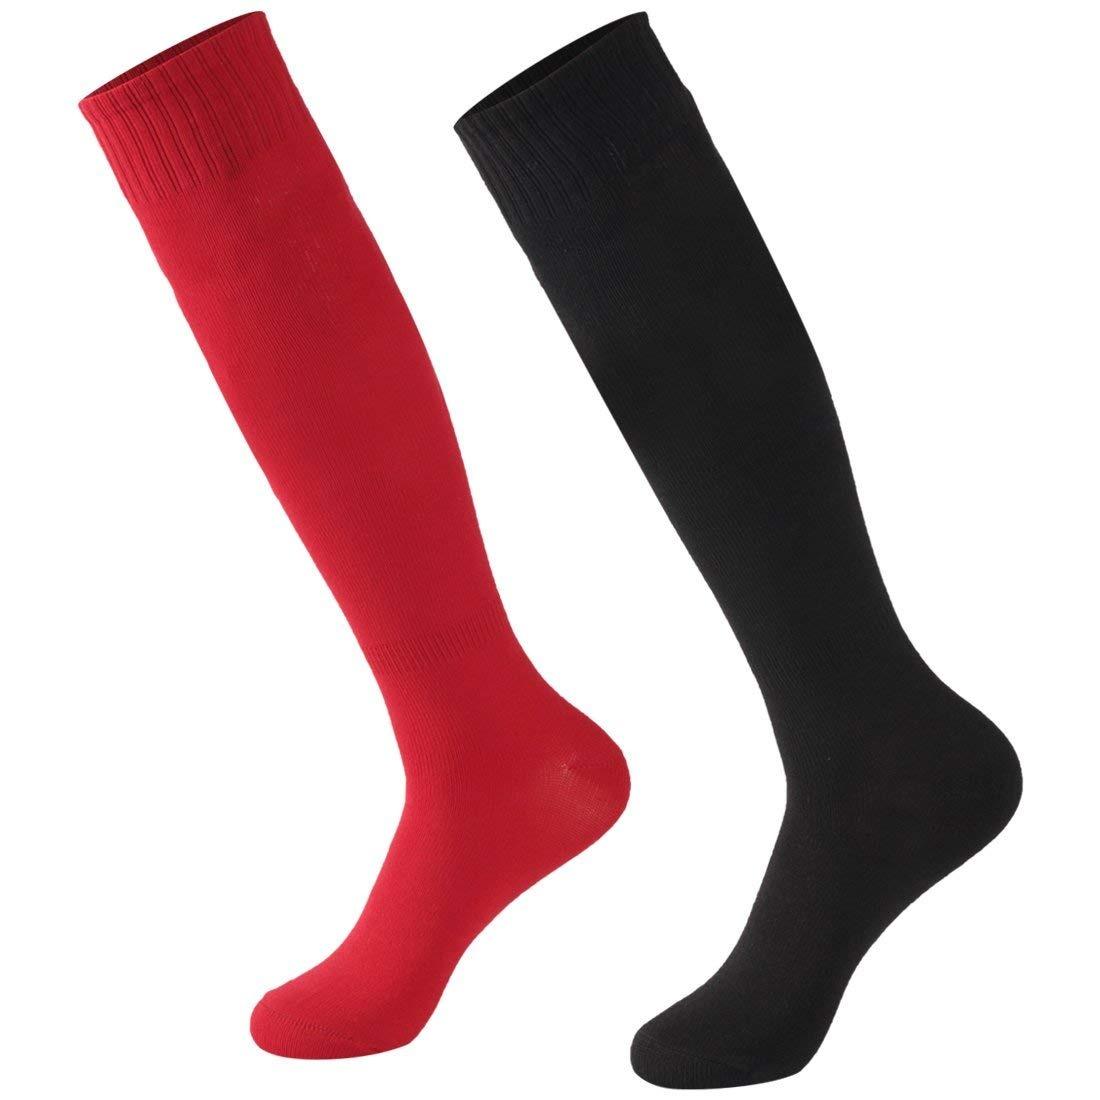 e4dc26b1 Calbom Soccer Socks Unisex Women S Men 39 S Knee High Cal ...